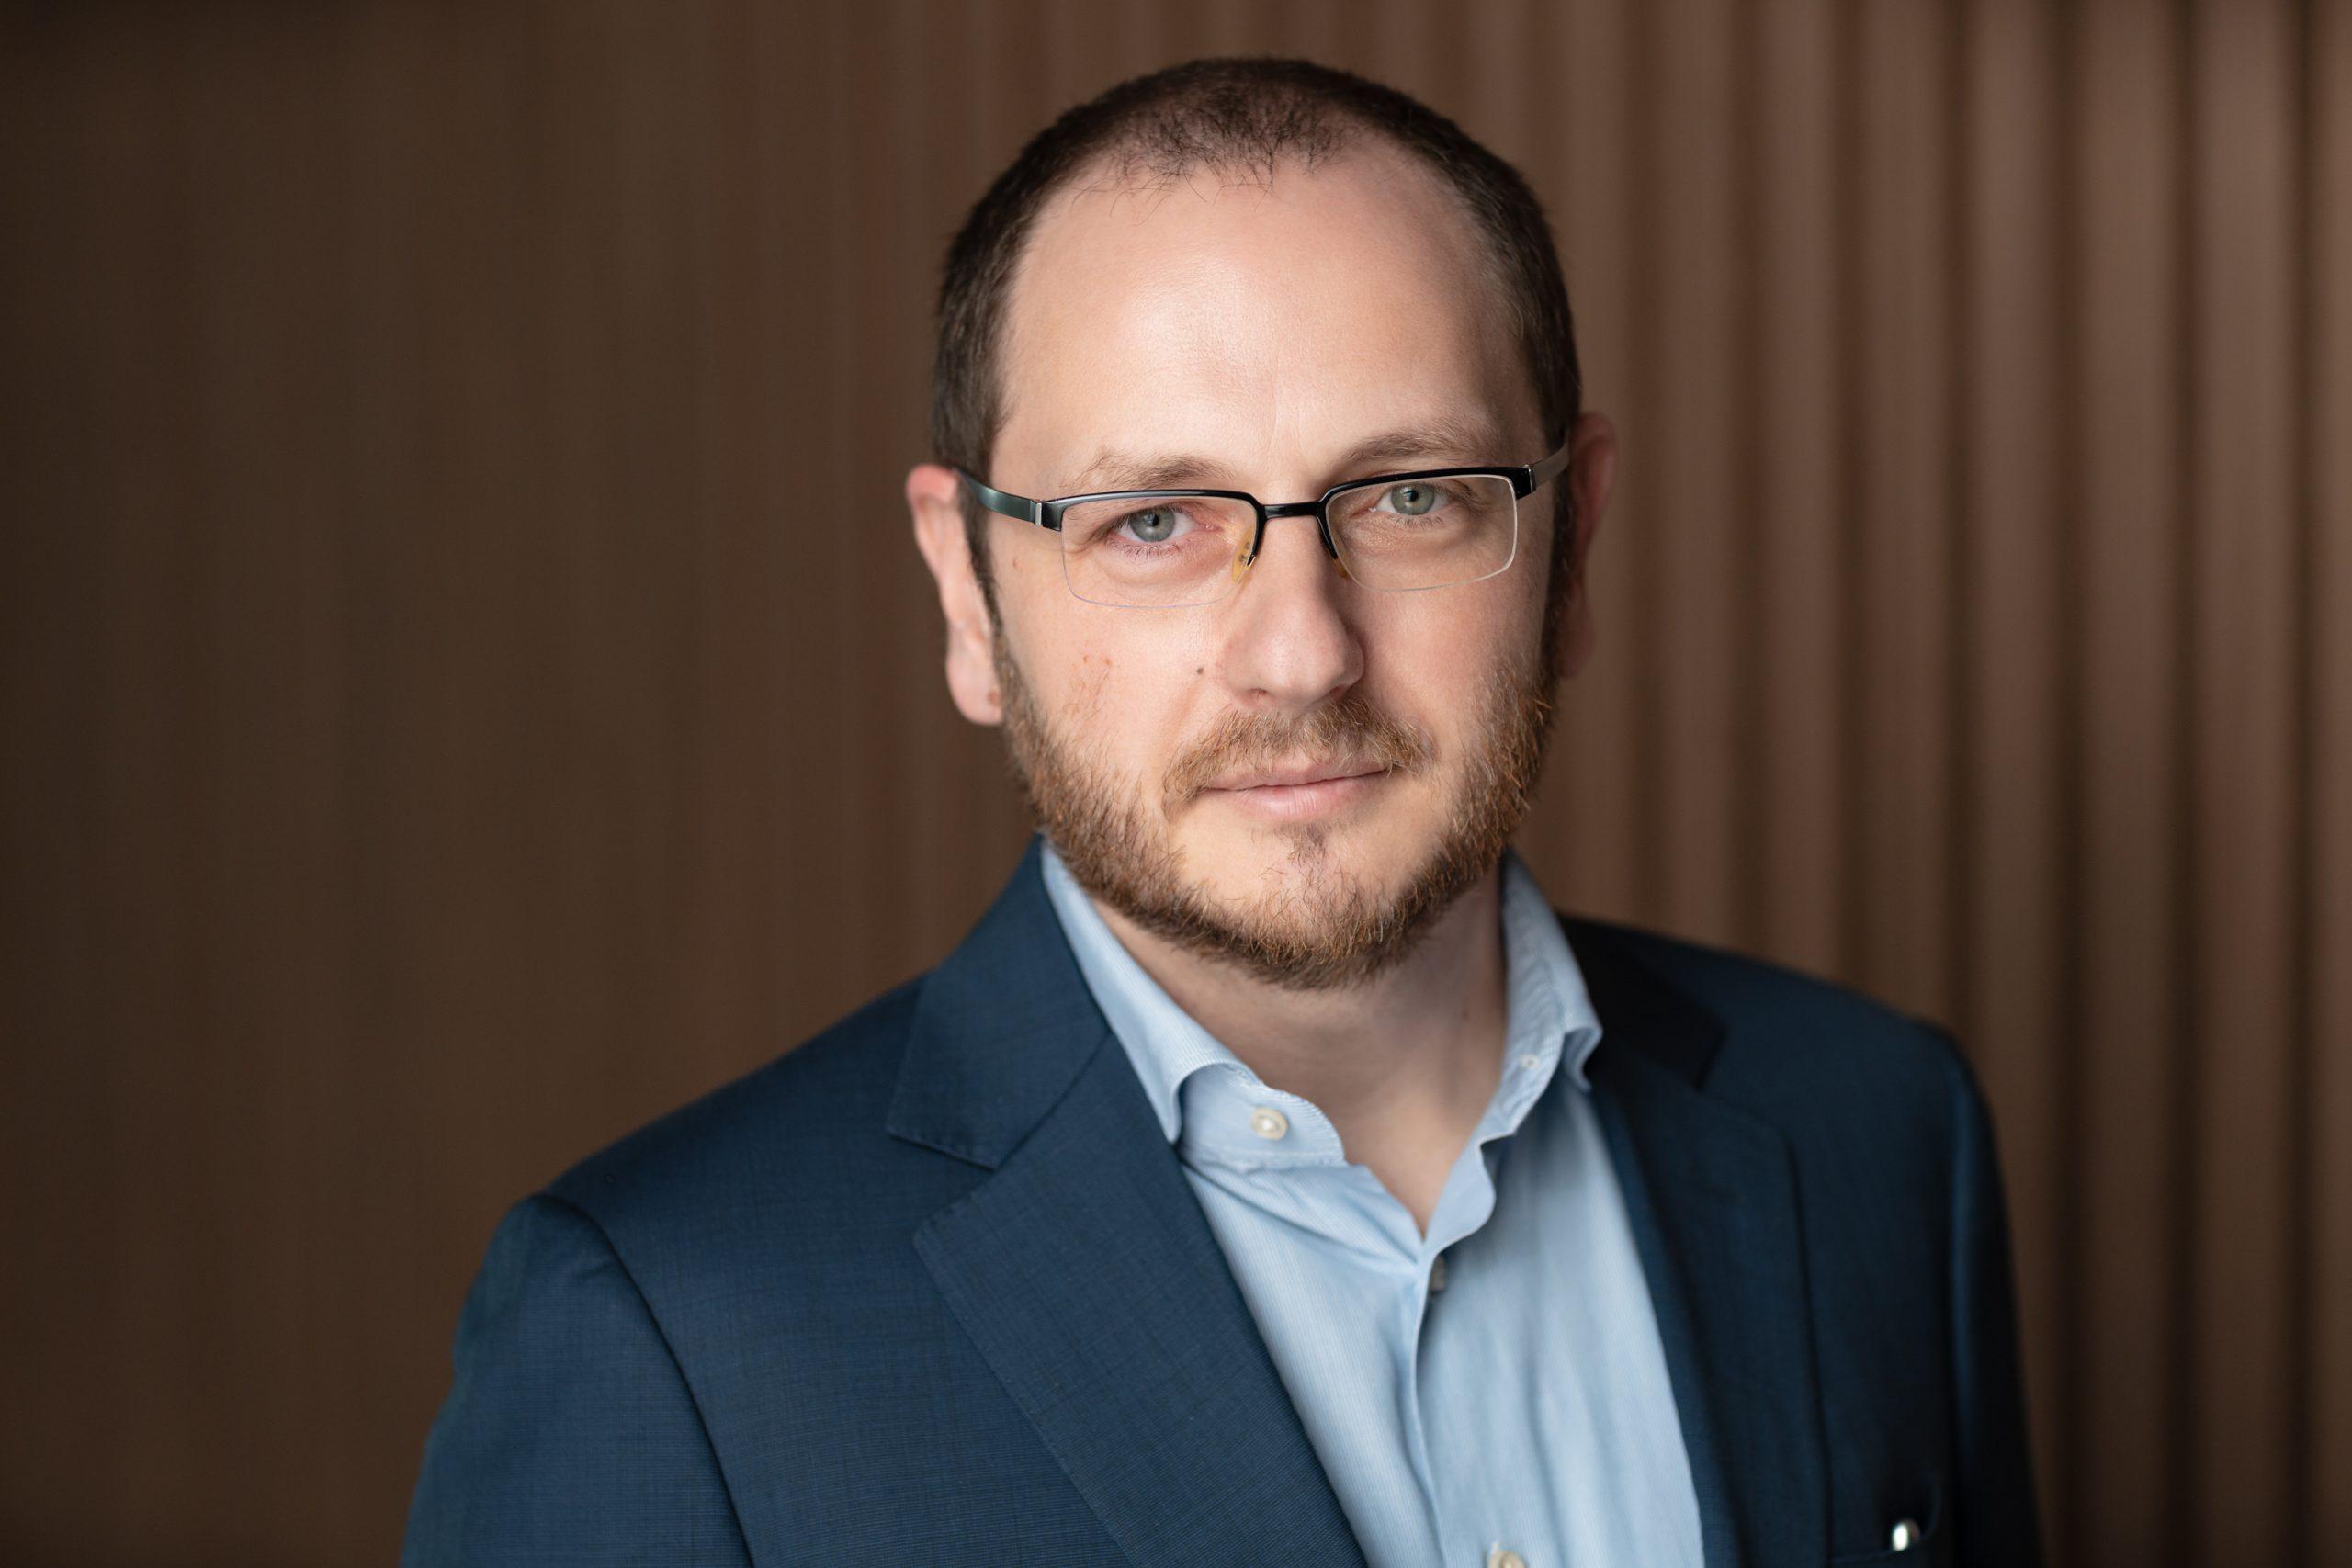 Alexandru Bîrsan